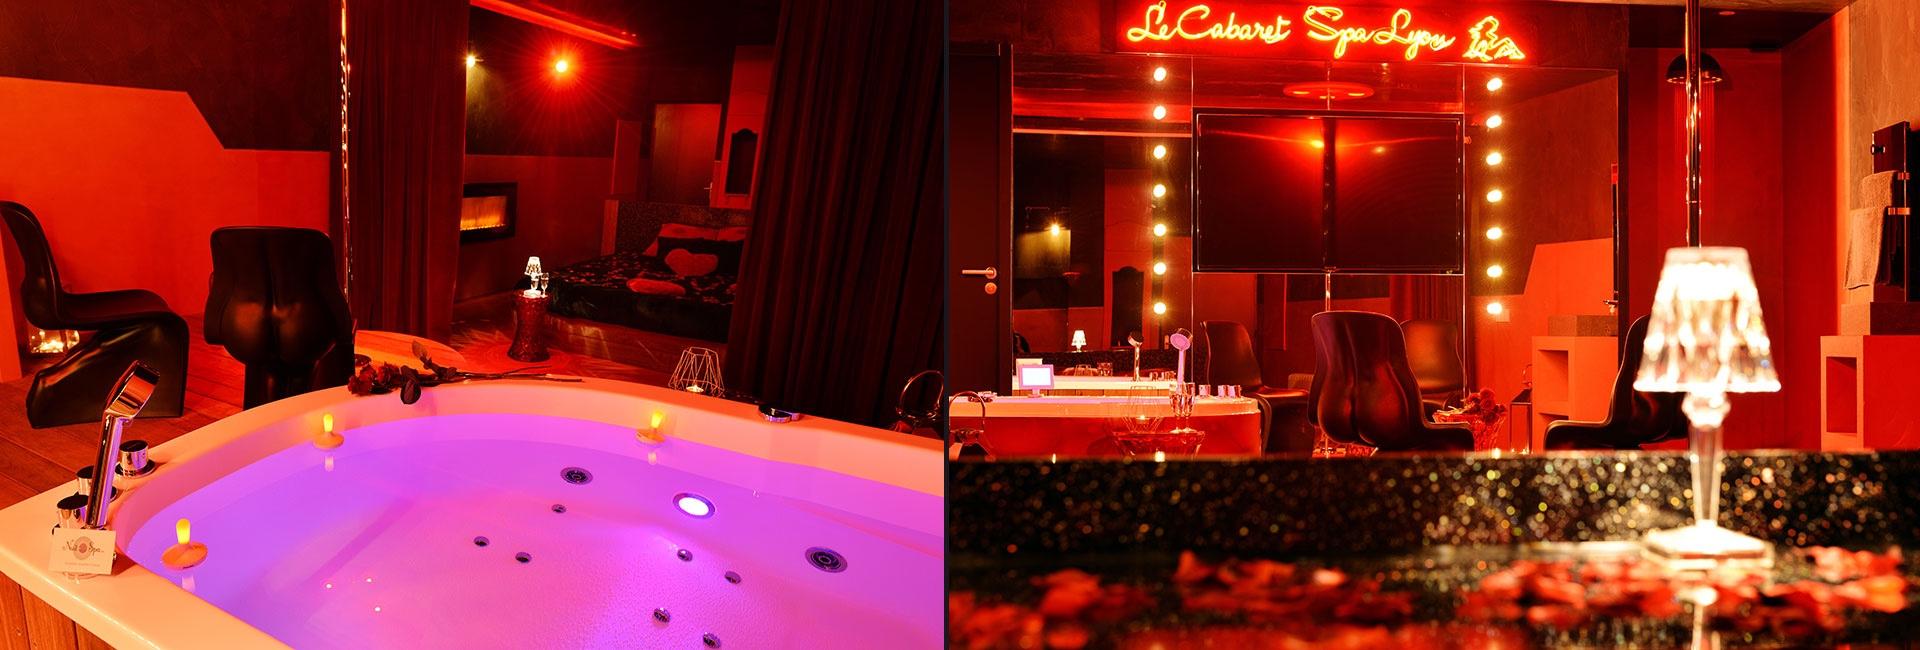 Location-a-la-journee-avec-jacuzzi-lyon-Le-Cabaret-spa.jpg